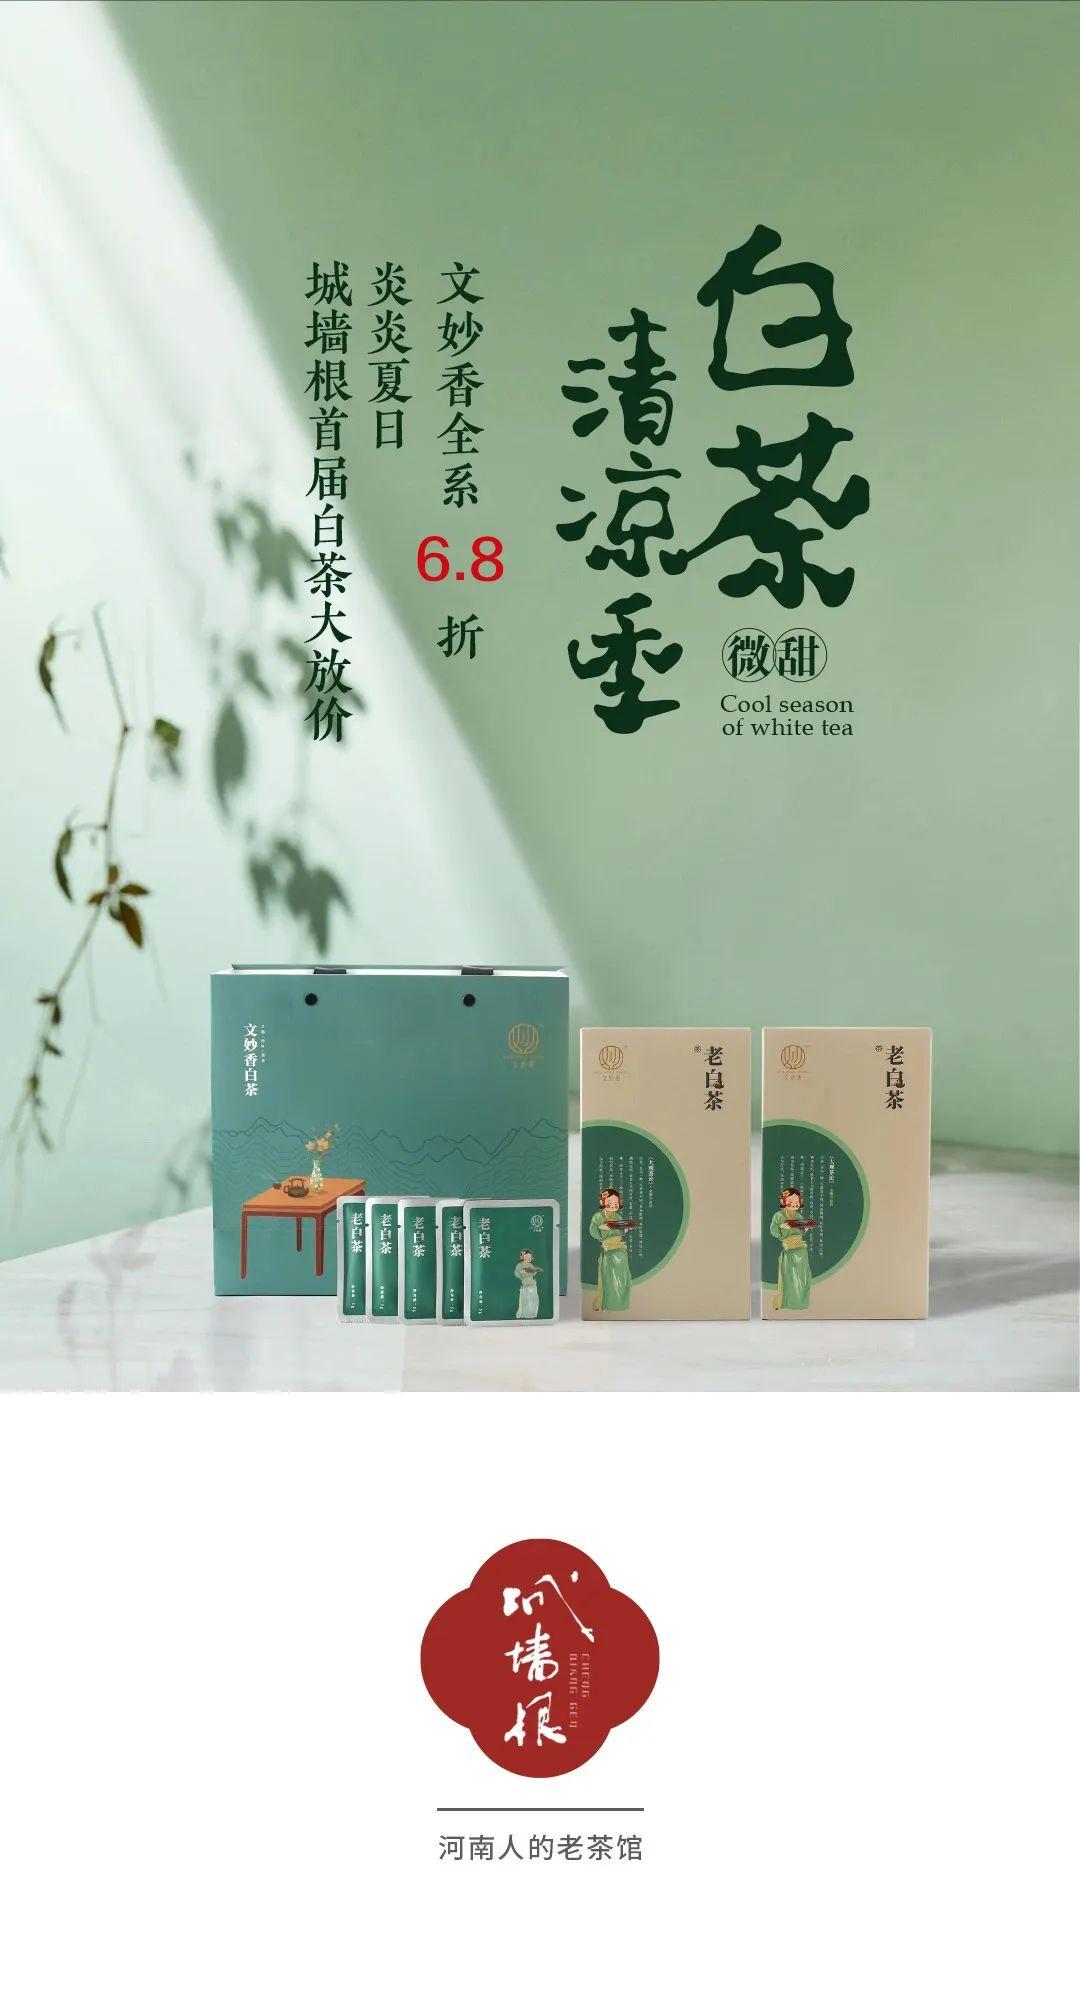 """6款白茶6.8折起!端午喝茶来城墙根茶馆就""""购""""了!"""